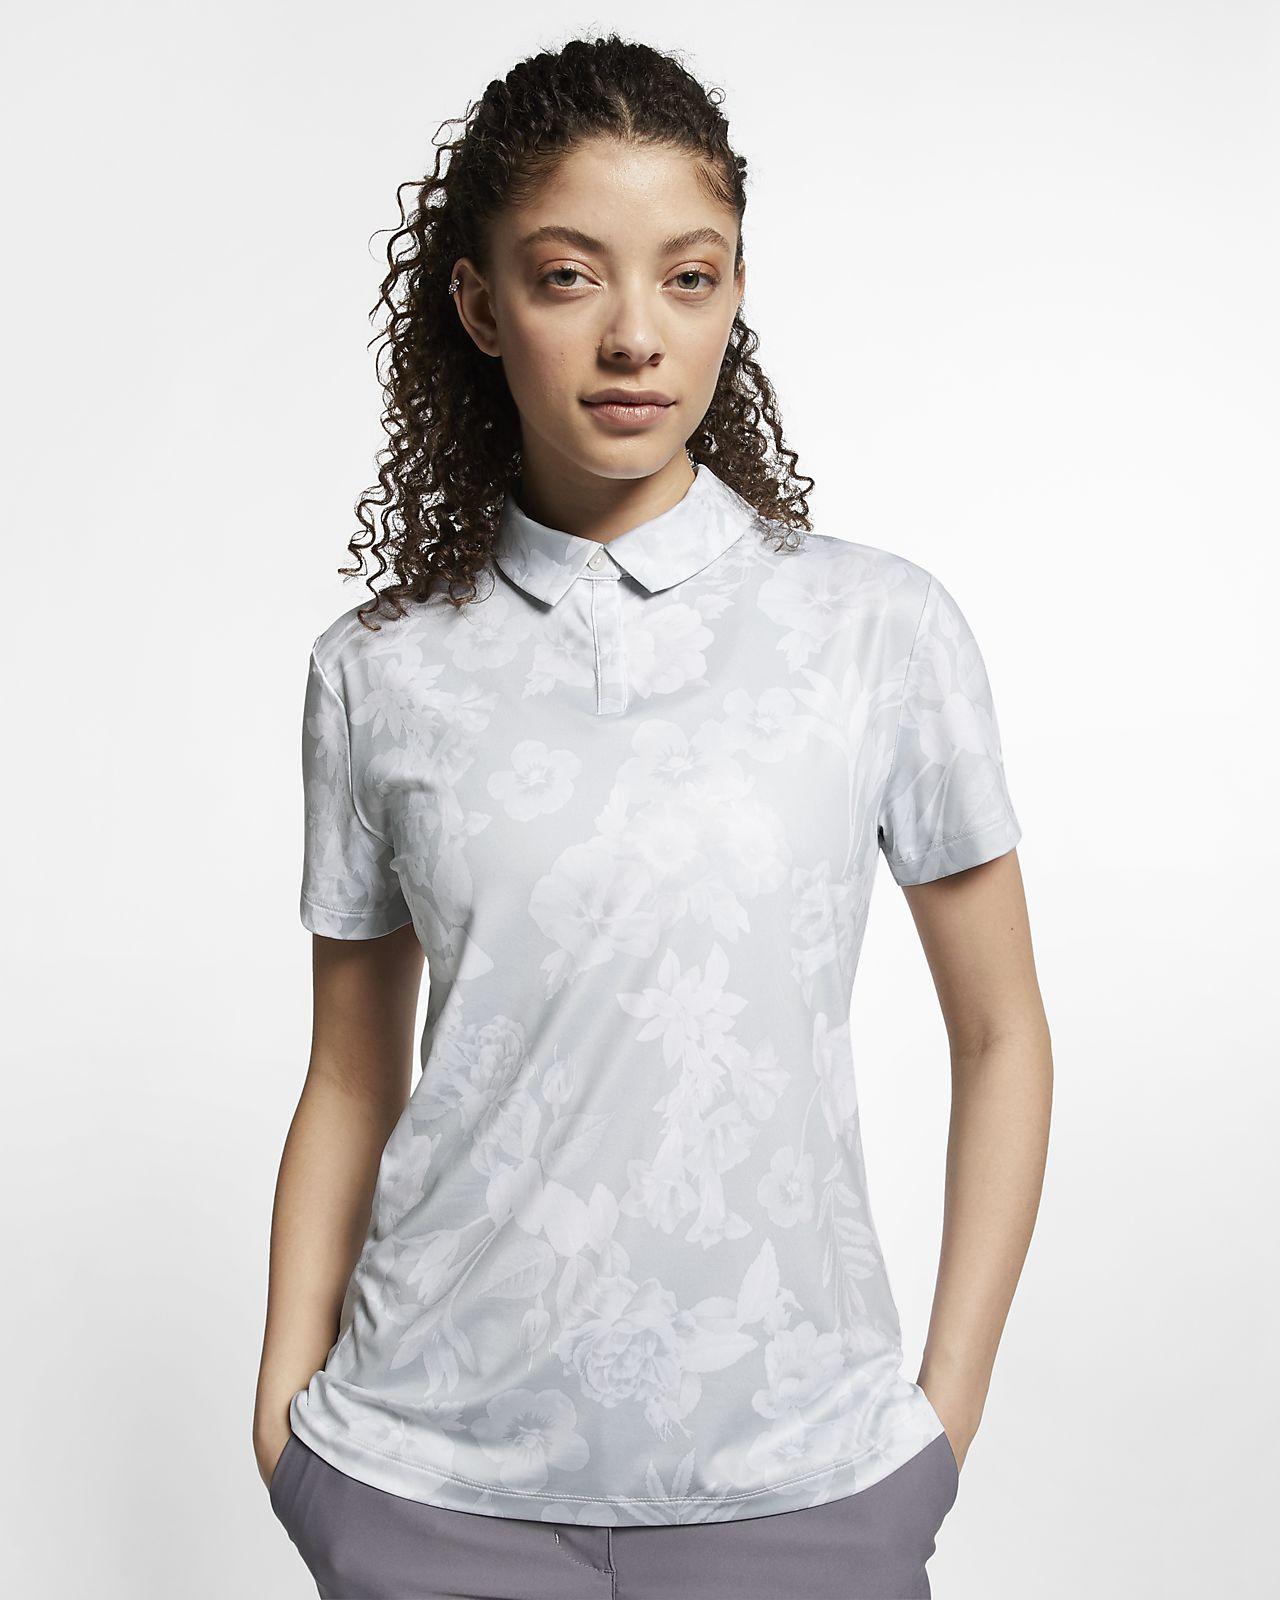 409225466e866 Nike Dri-FIT UV Women s Printed Golf Polo. Nike.com GB